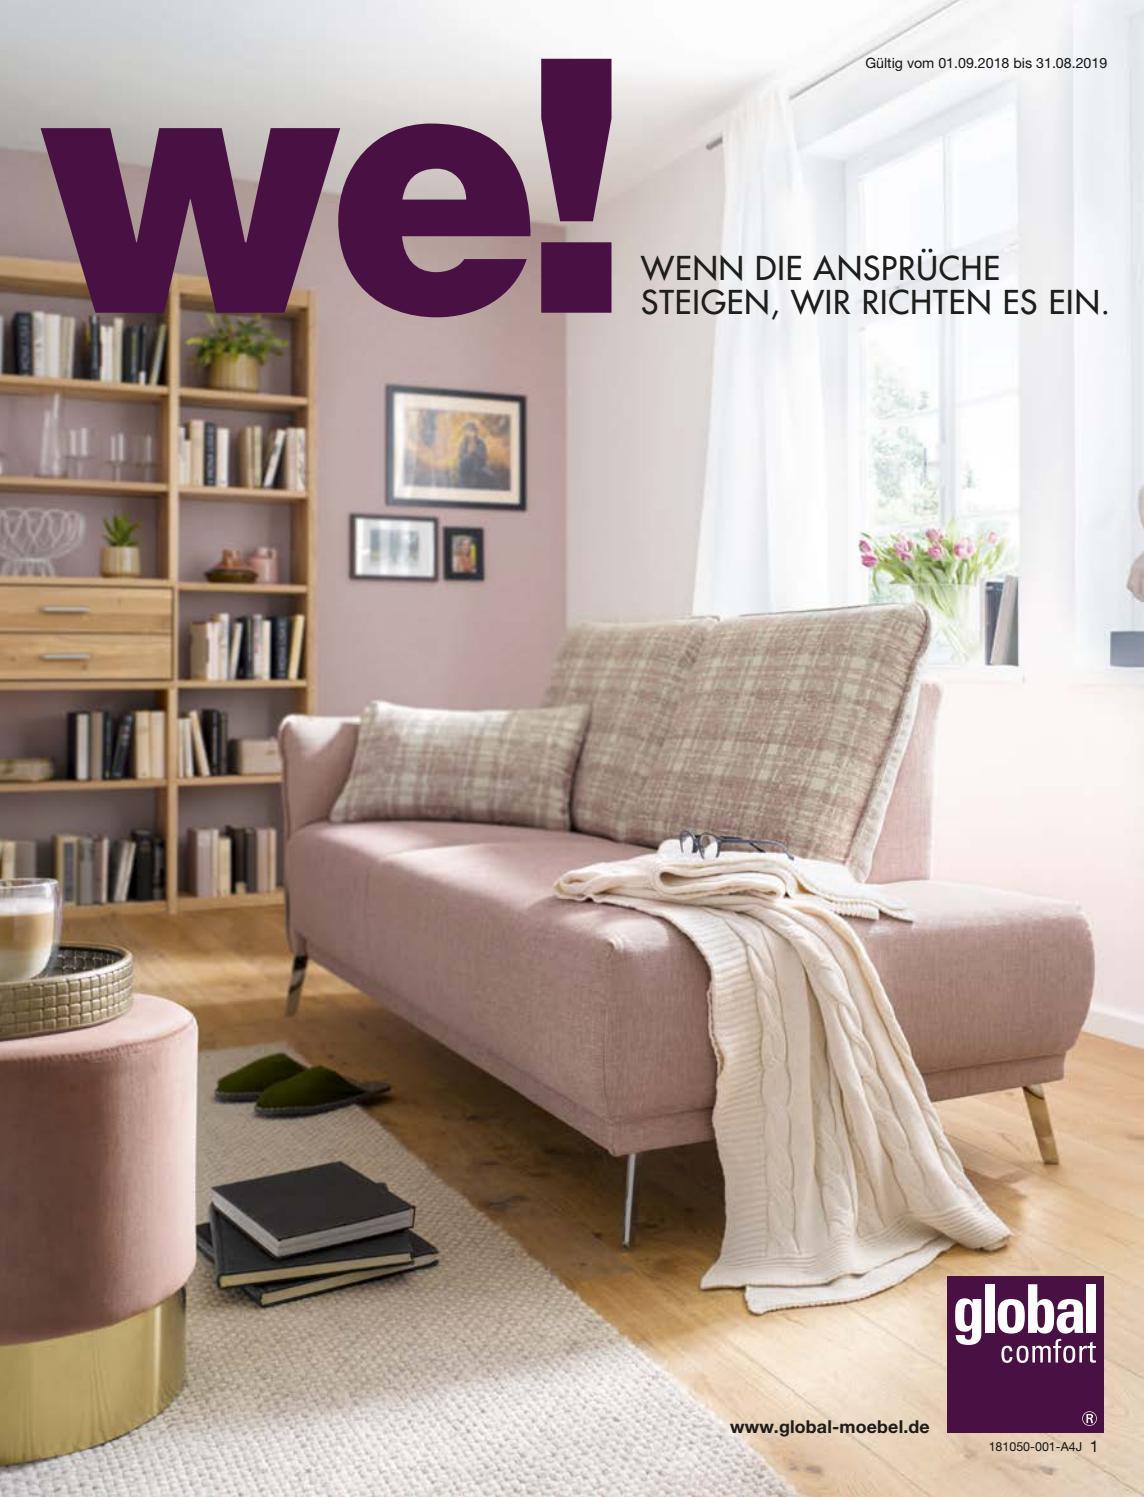 platzsparend ideen flecken aus sofa entfernen, global comfort mk by europa möbel-verbund gmbh - issuu, Innenarchitektur